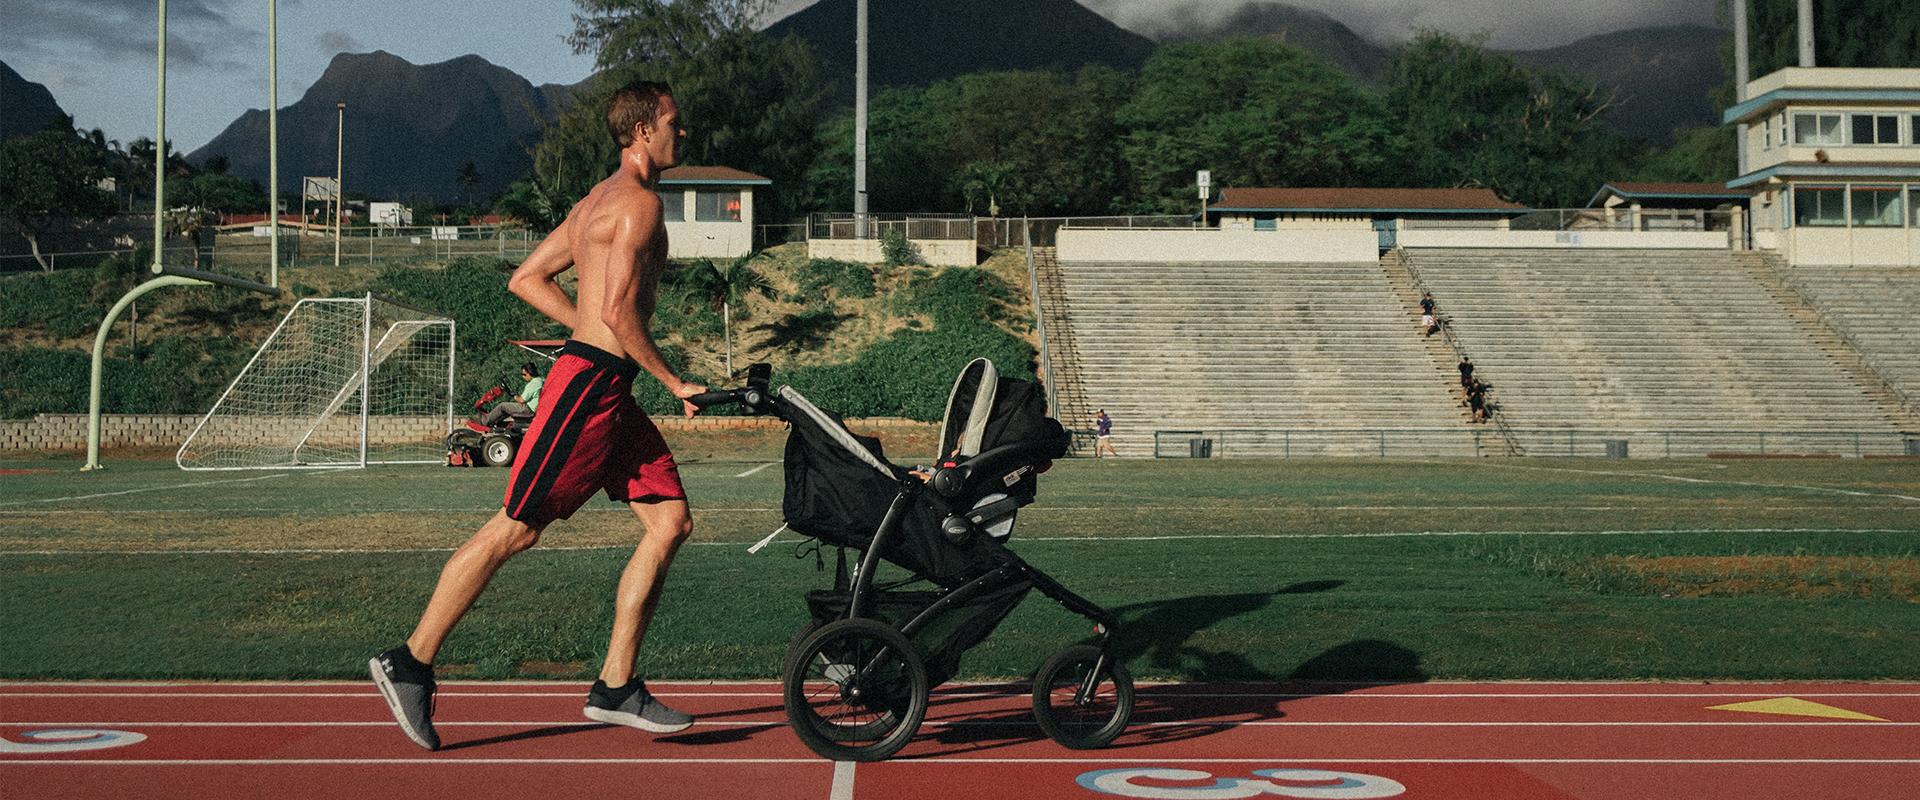 Los beneficios de la actividad física son hereditarios